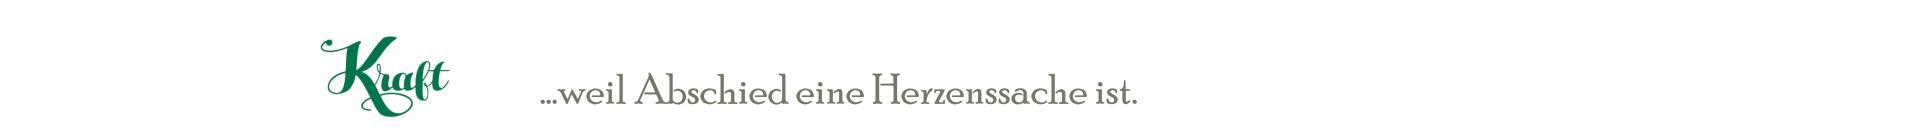 Kraft, ihr Bestatter in 88367 Hohentengen Logo